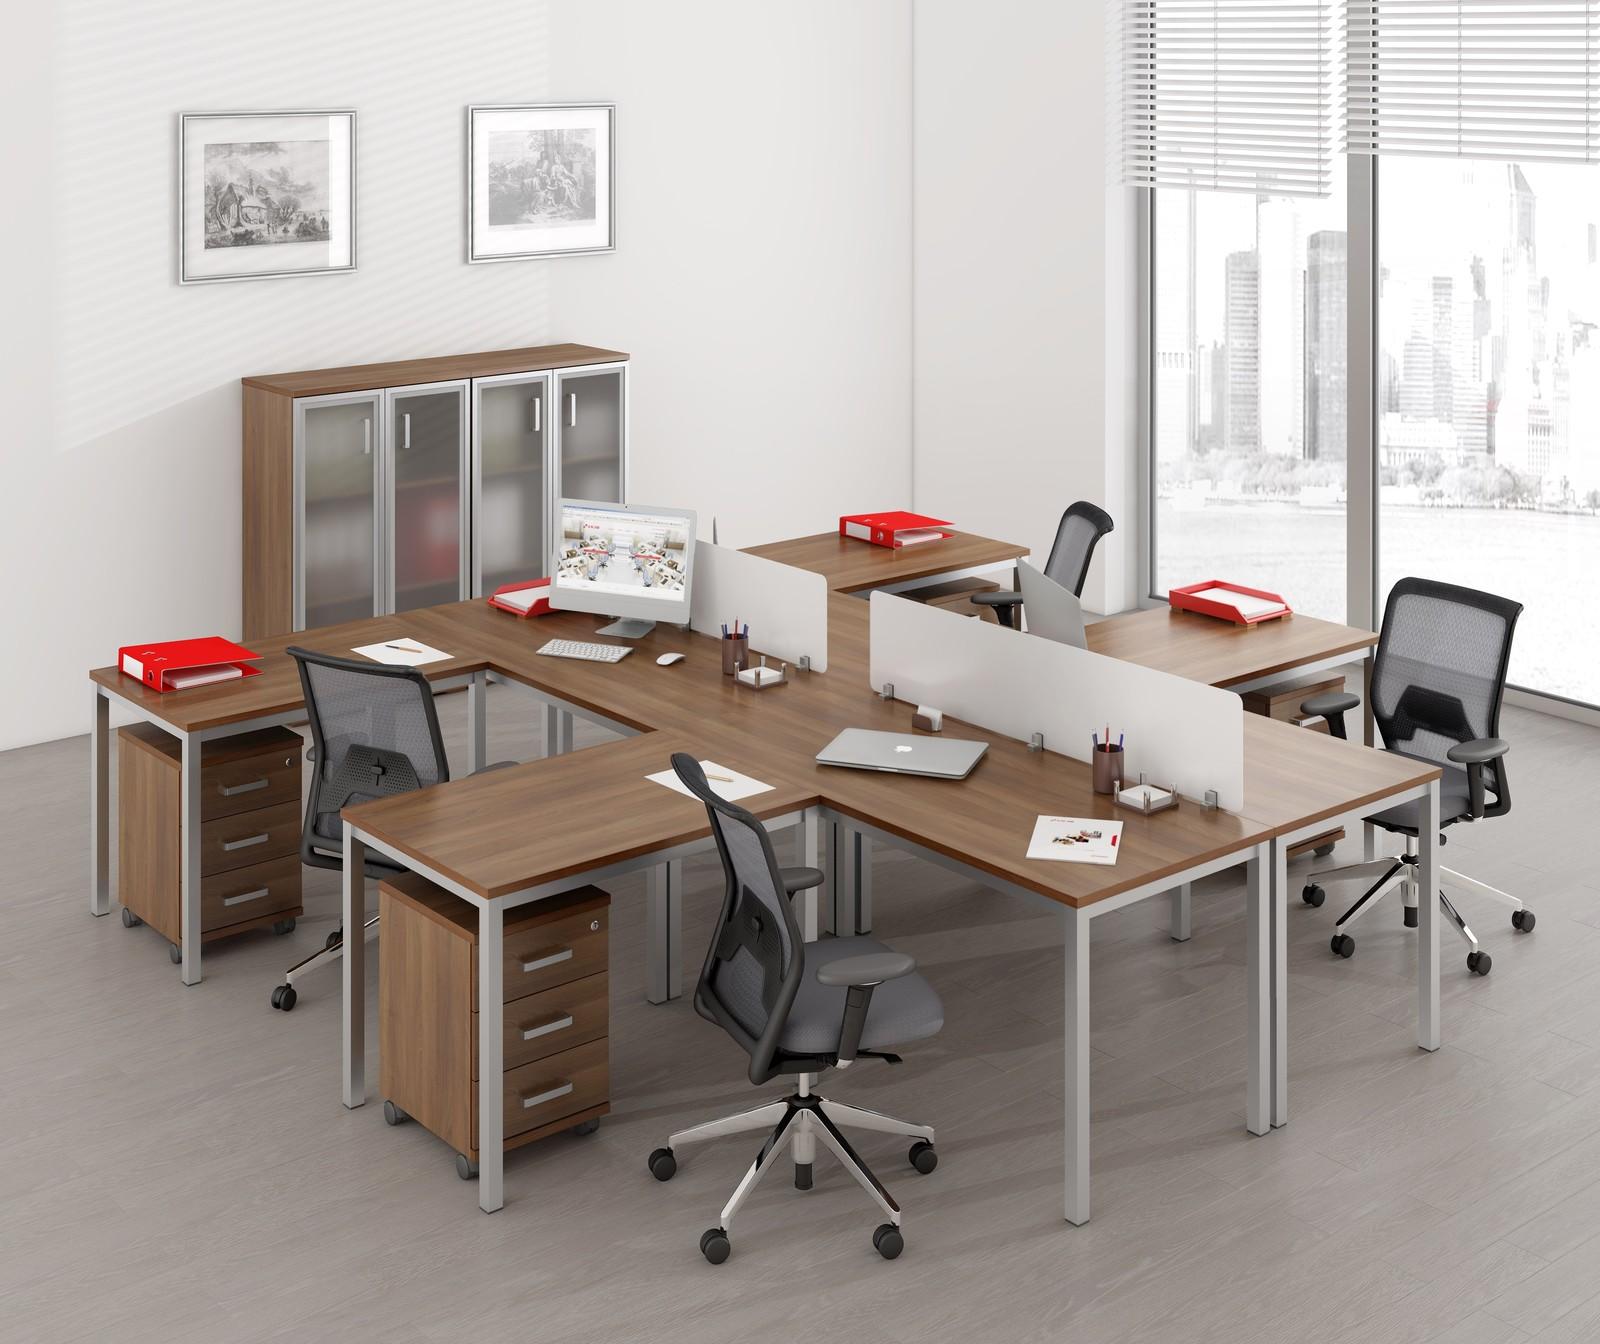 Офисный стол рабочий без экрана 6м.004 - купить в алмате, це.